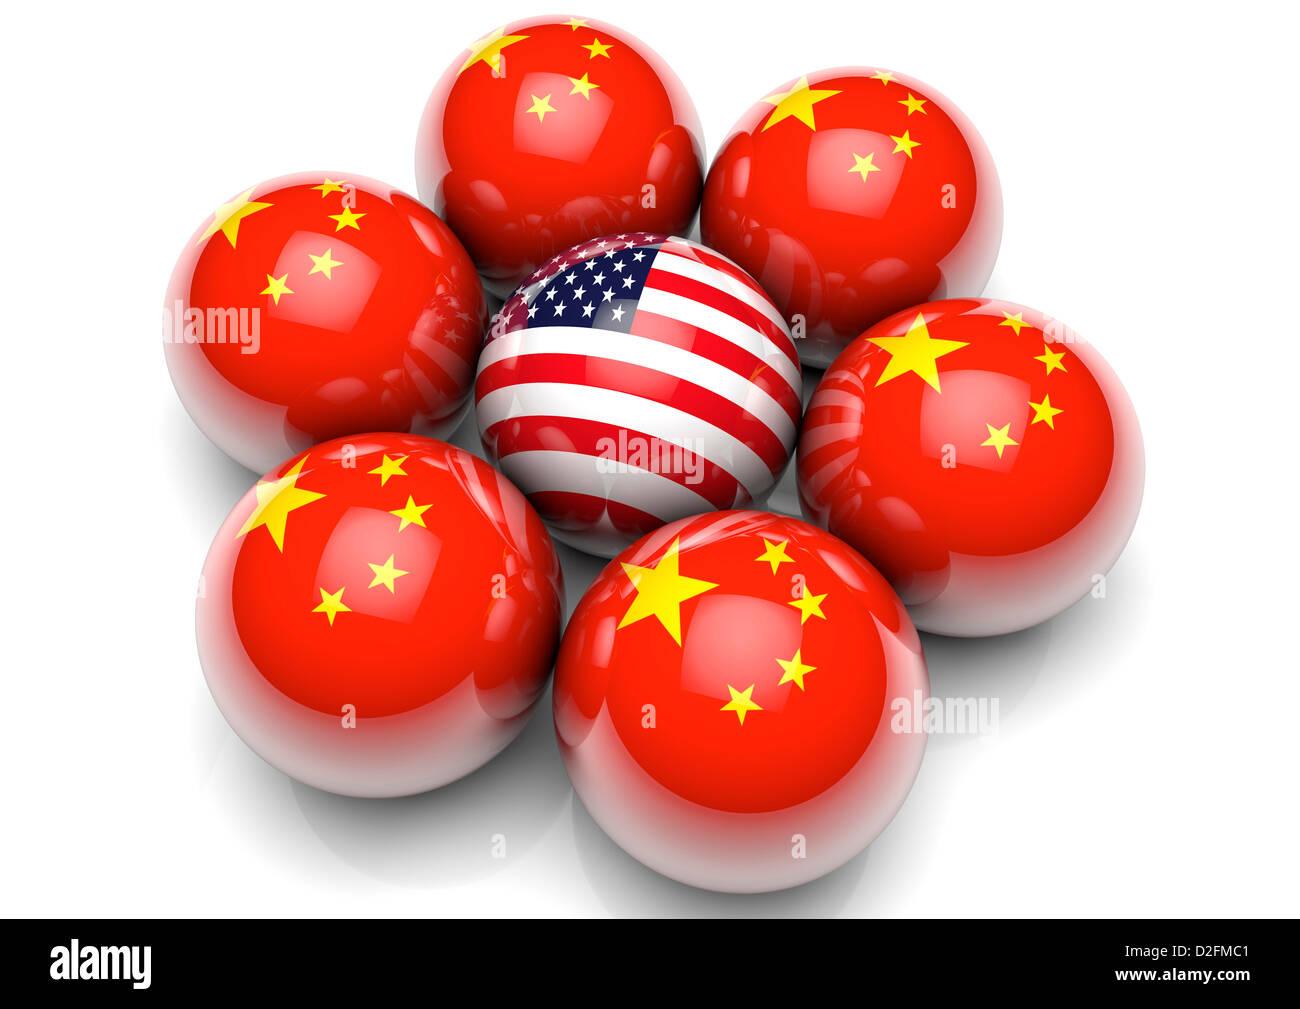 Internationale Beziehungen-Konzept - USA Stars und Stripes Flagge umgeben von Kugeln mit der Flagge von China Stockbild